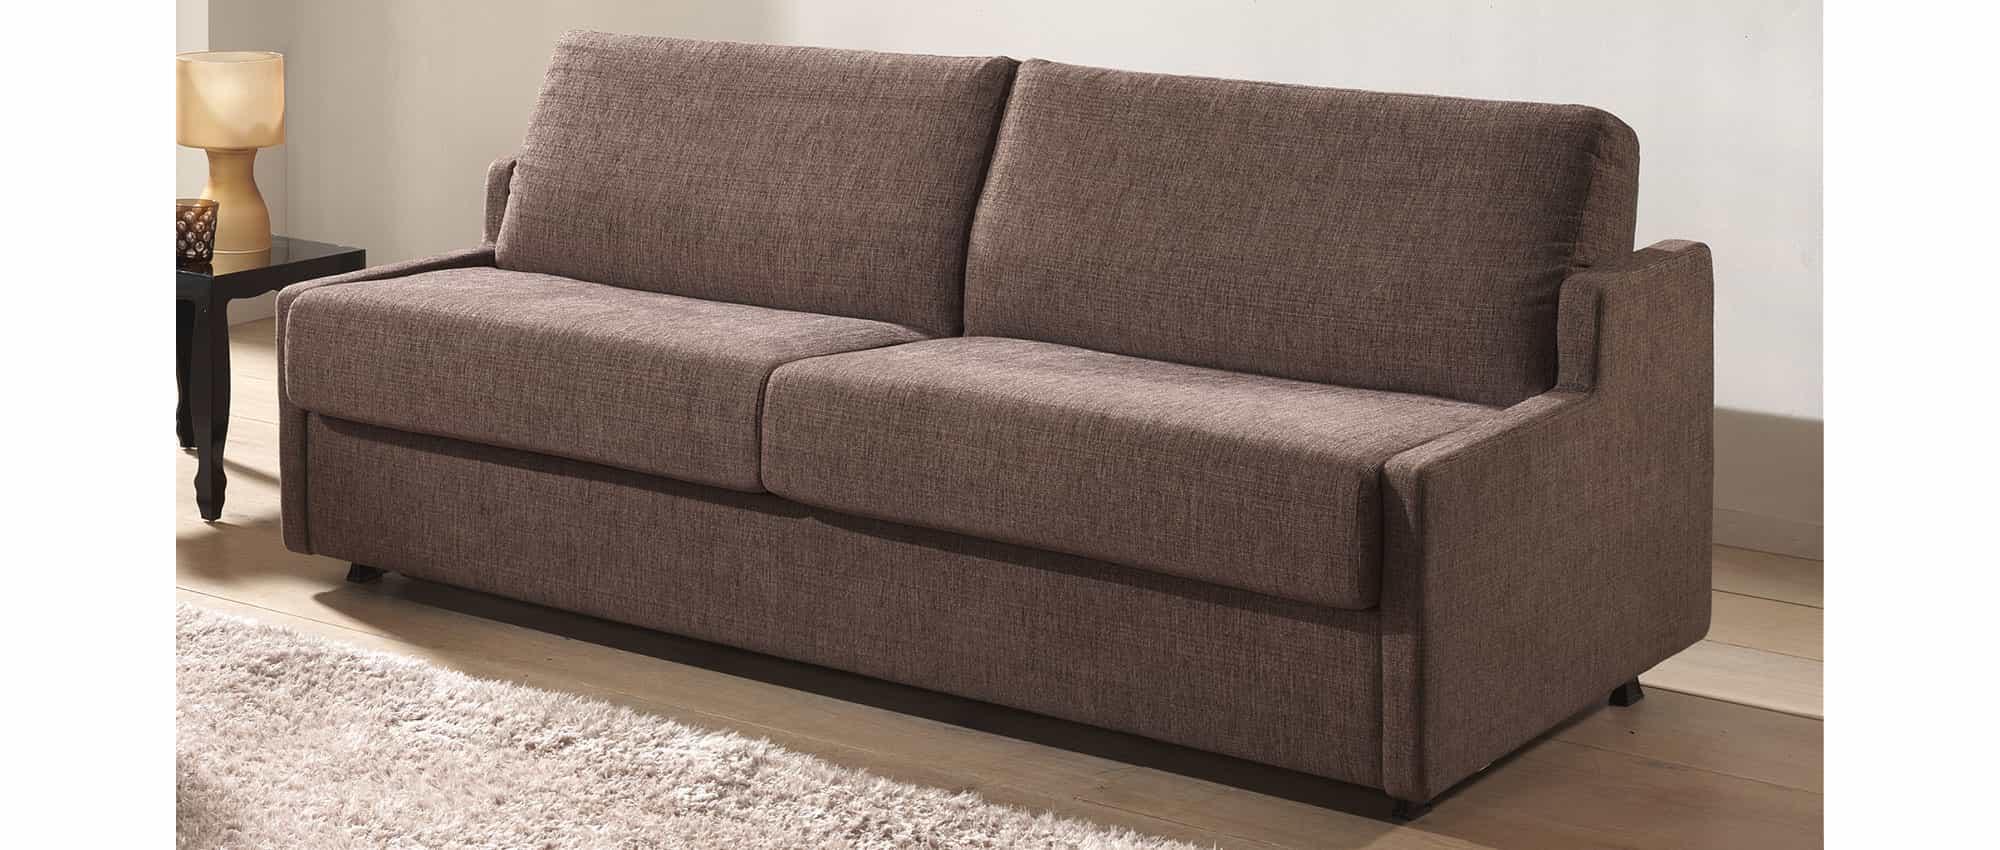 schlafsofa virginia mit lattenrost und matratze in 140x200 cm bett. Black Bedroom Furniture Sets. Home Design Ideas